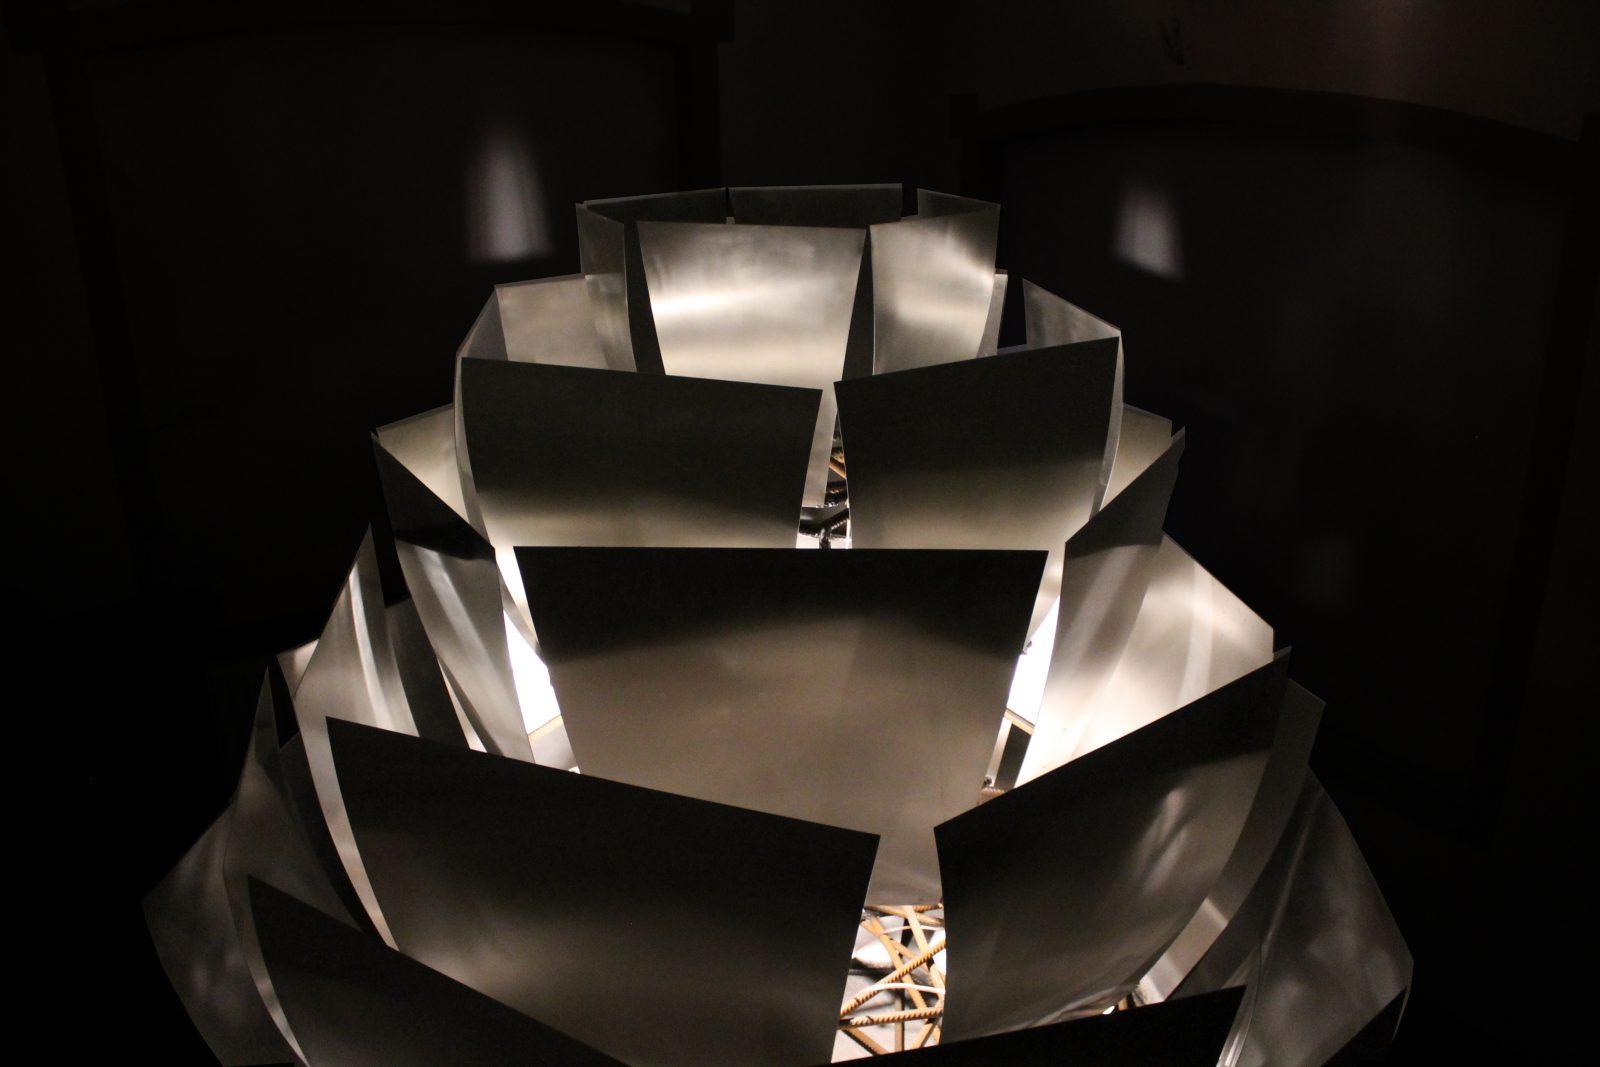 NÖ Waldviertel Galerie Kunst - Das war: Moritz Nahold